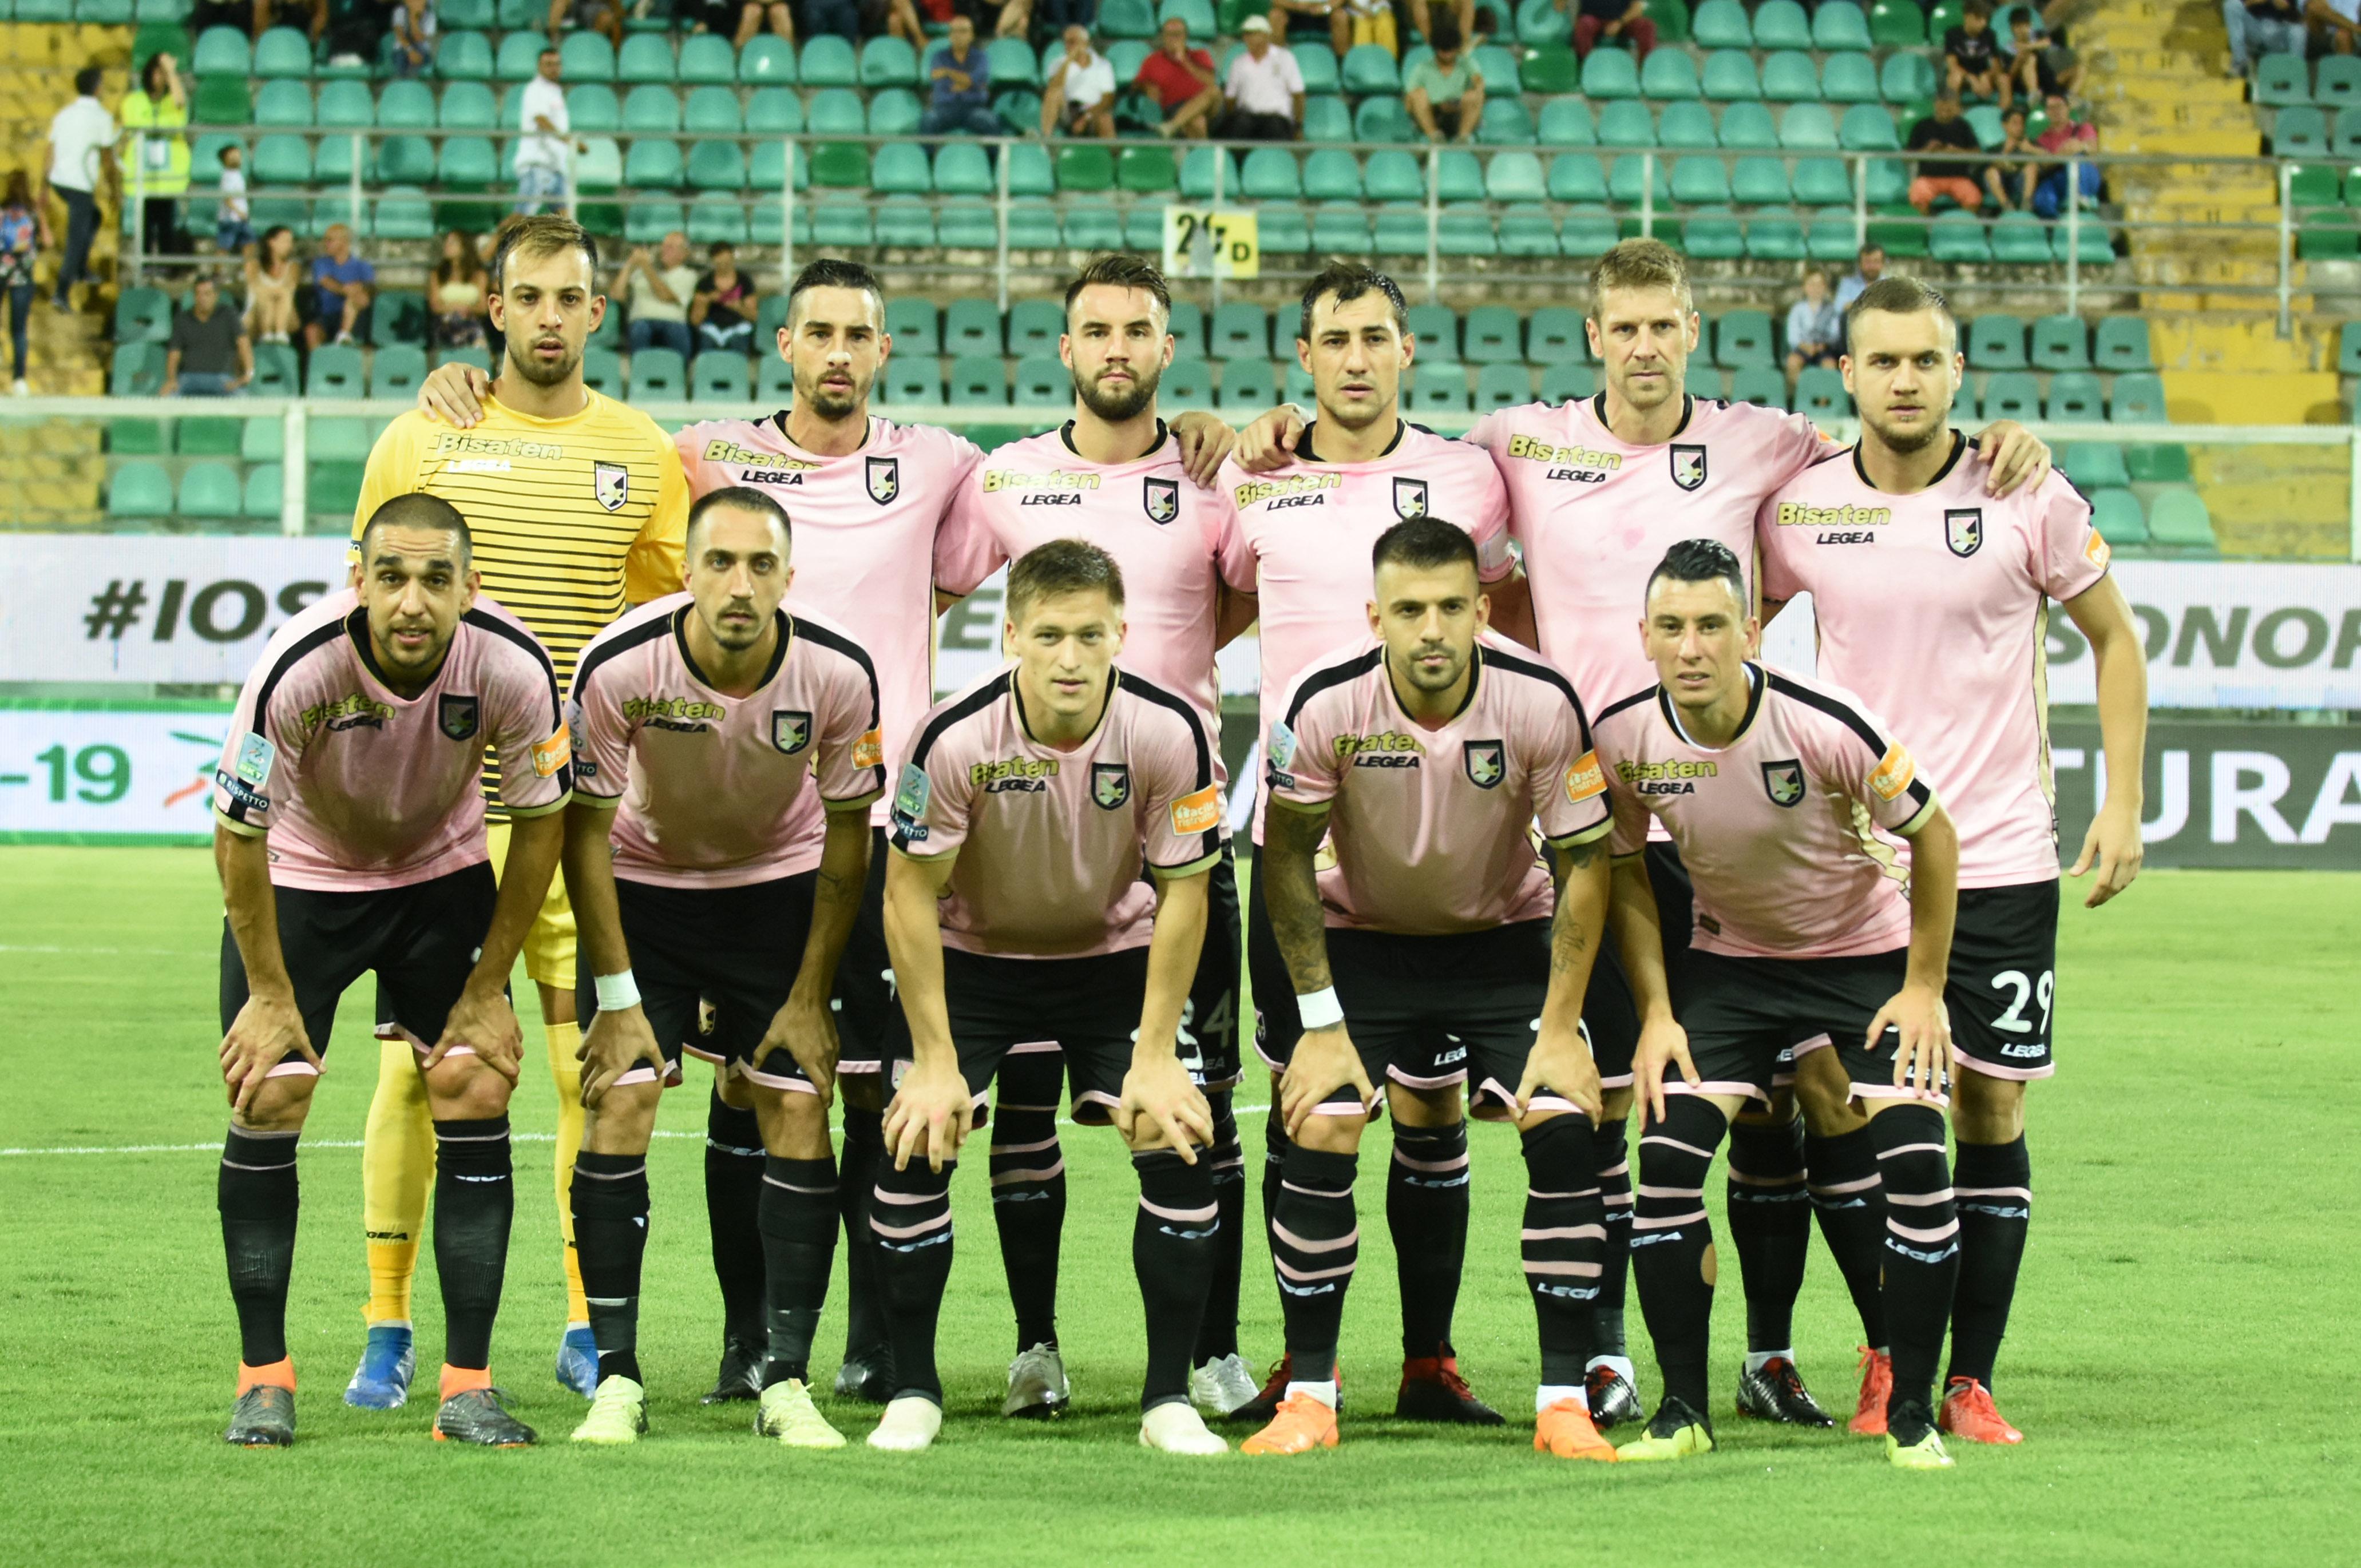 """Finisce 2-2 l'anticipo della seconda giornata tra il Palermo e la Cremonese, che rimonta il gol segnato da Trajkovski (approfittando anche di un errore di Brignoli). Poi nel finale la rete dell'esterno palermitano, ma anche la traversa di Carretta che salva i rosa dalla sconfitta. QUI GLI HIGHLIGHTS LEGGI ANCHE PALERMO: TEDINO FISCHIATO. LA STRADA E' IN SALITA LA CRONACA DEL MATCH TEDINO: """"CUORE E IMPEGNO. NON ABBIAMO MOLLATO"""" LE PAGELLE DI GUIDO MONASTRA"""